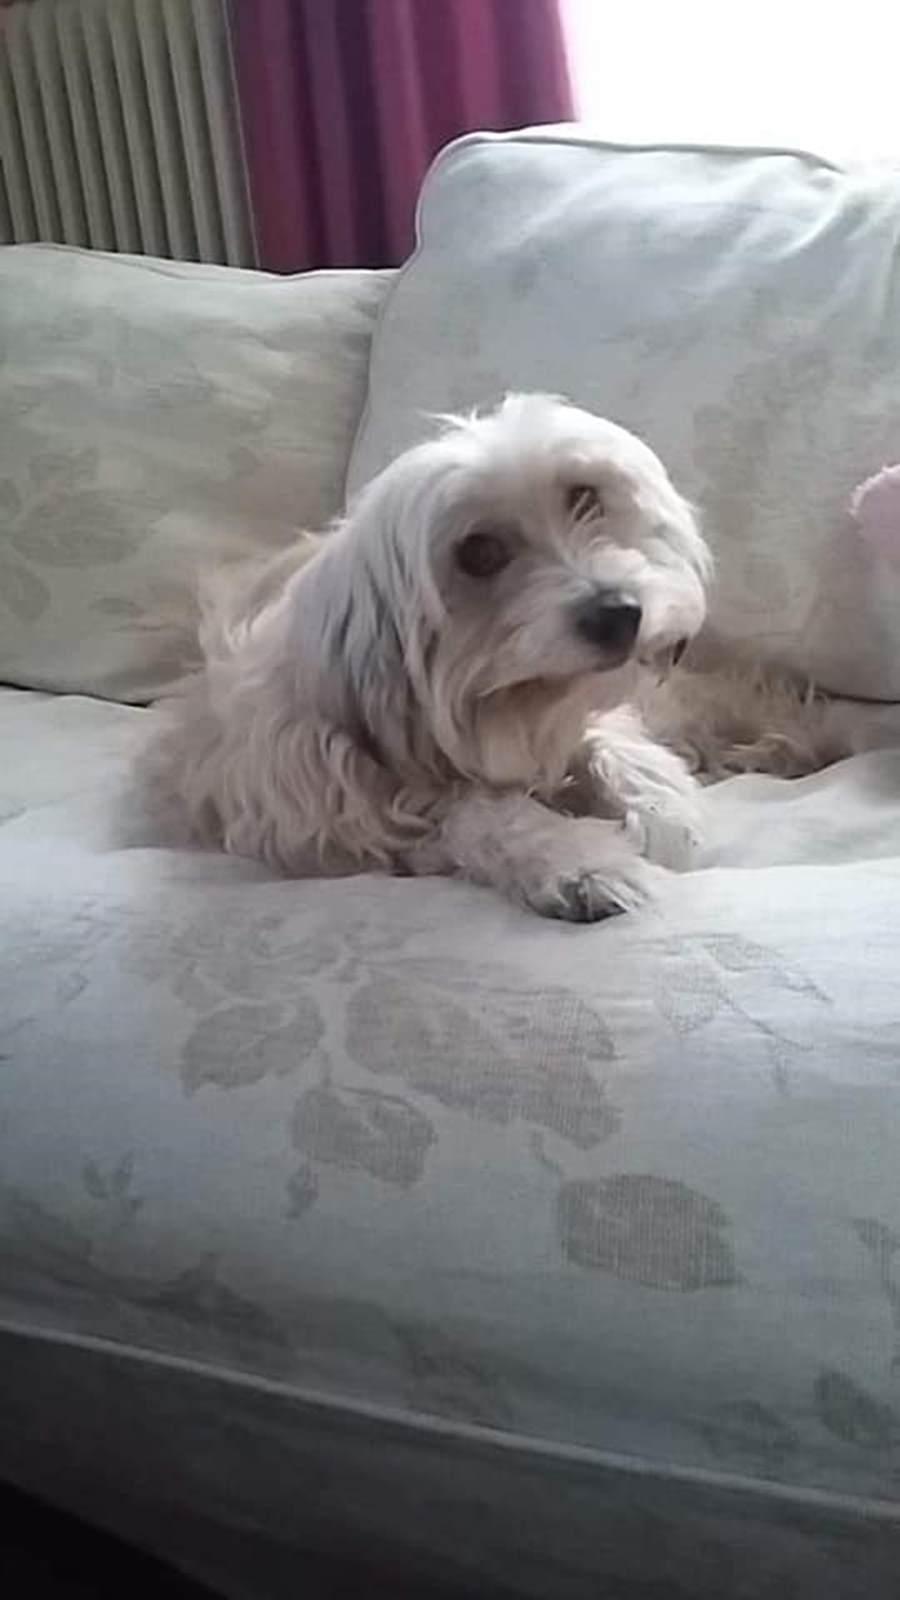 Λαρισαία έχασε την σκυλίτσα της στον Πλαταμώνα και ζητάει βοήθεια για την ανεύρεσή της (φωτο)